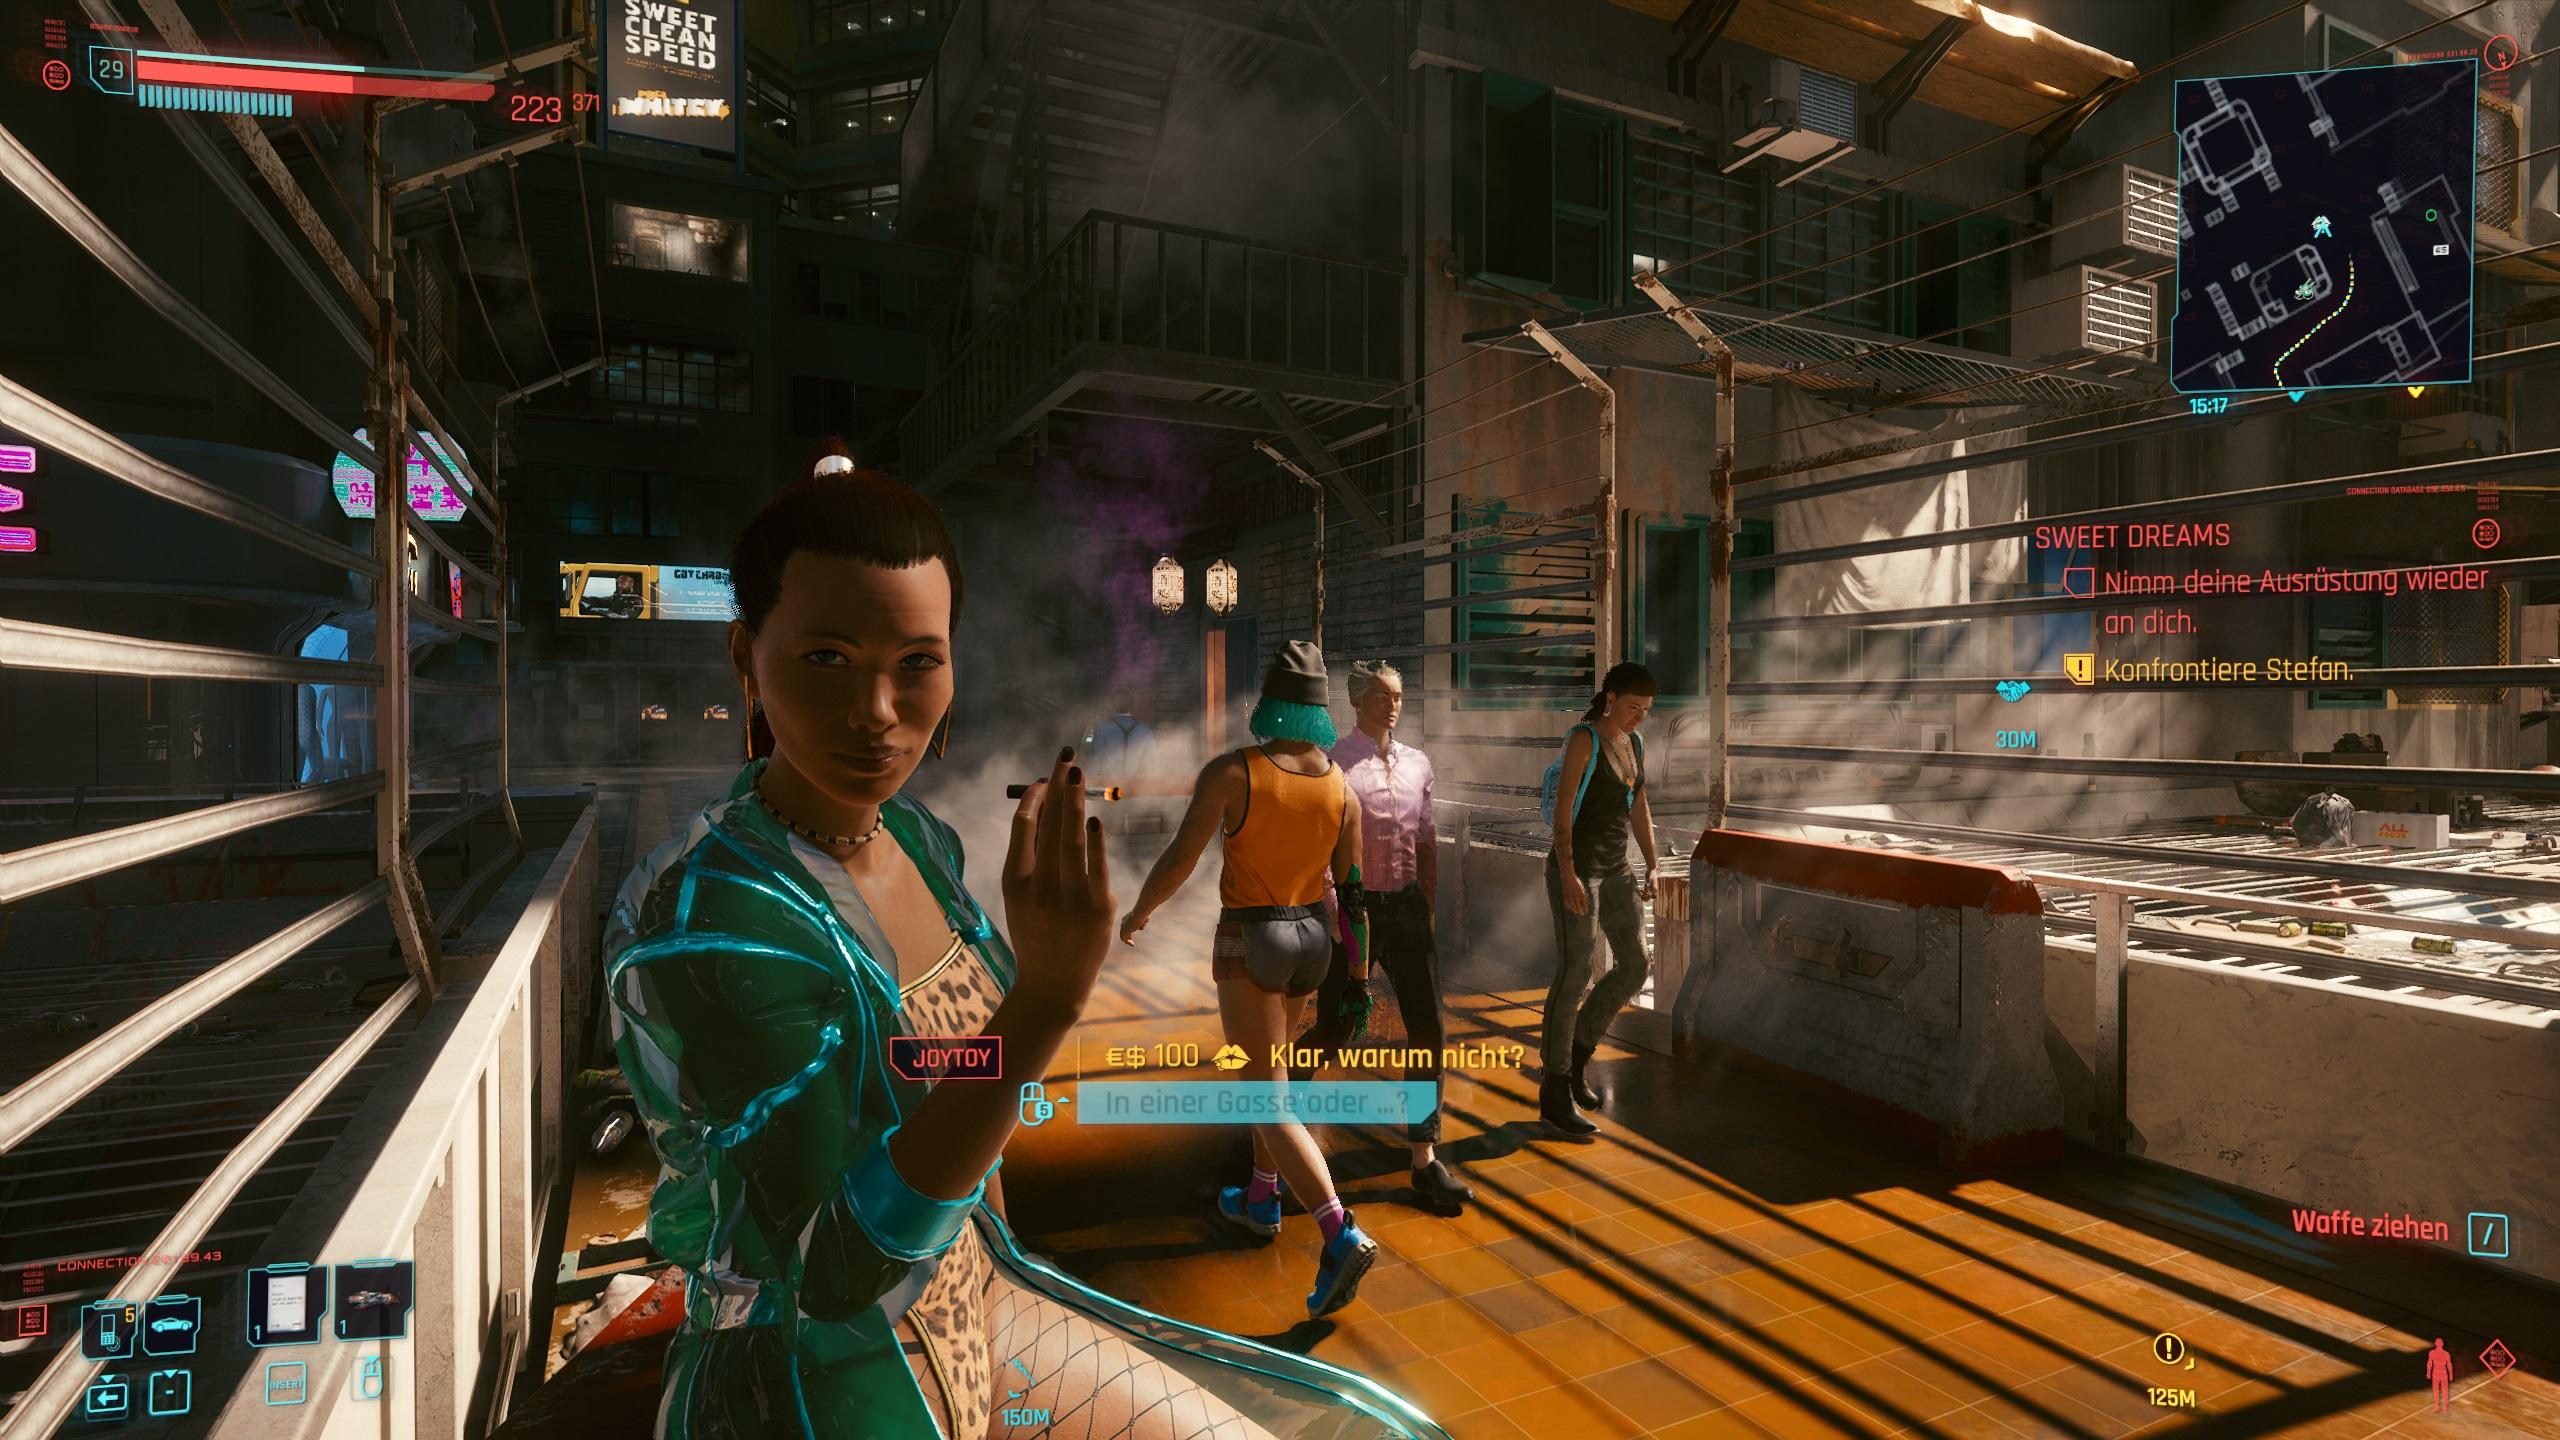 Cyberpunk 2077 Screenshot 2021.01.10 - 16.55.40.43.jpg